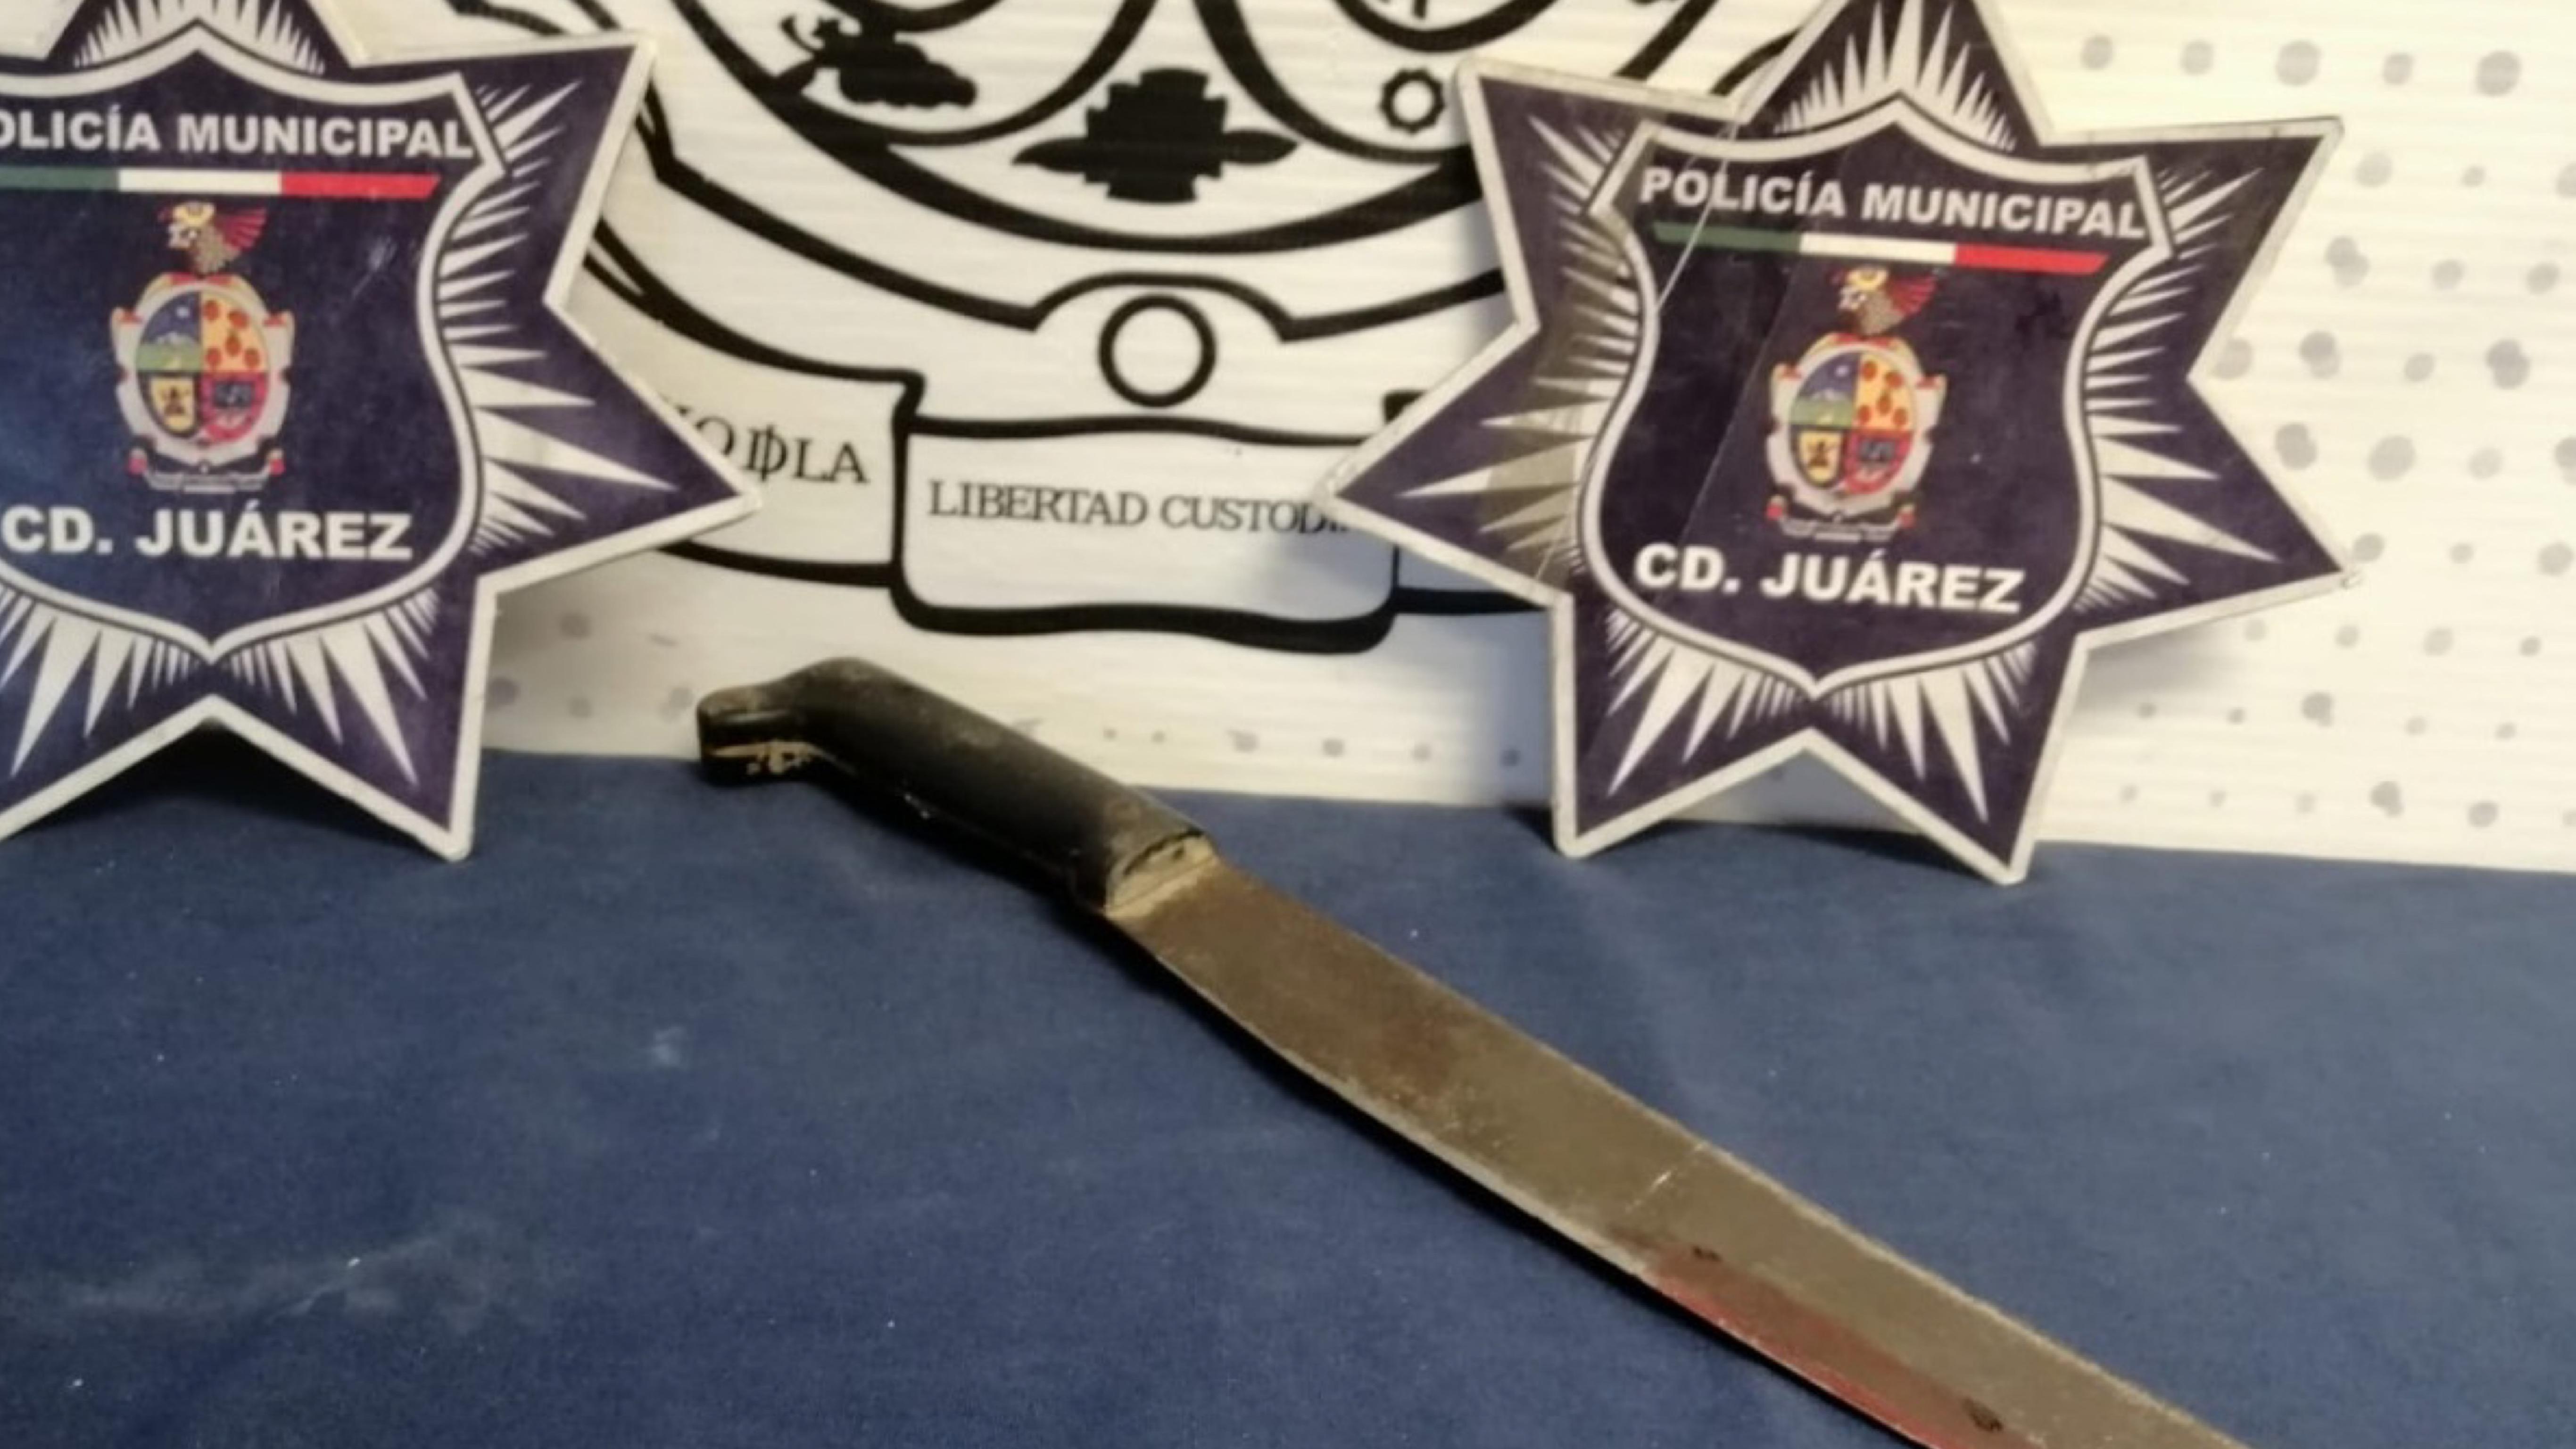 A-machetazos-cometieron-homicidio-crimen-fiesta-detenidos-juarez-1